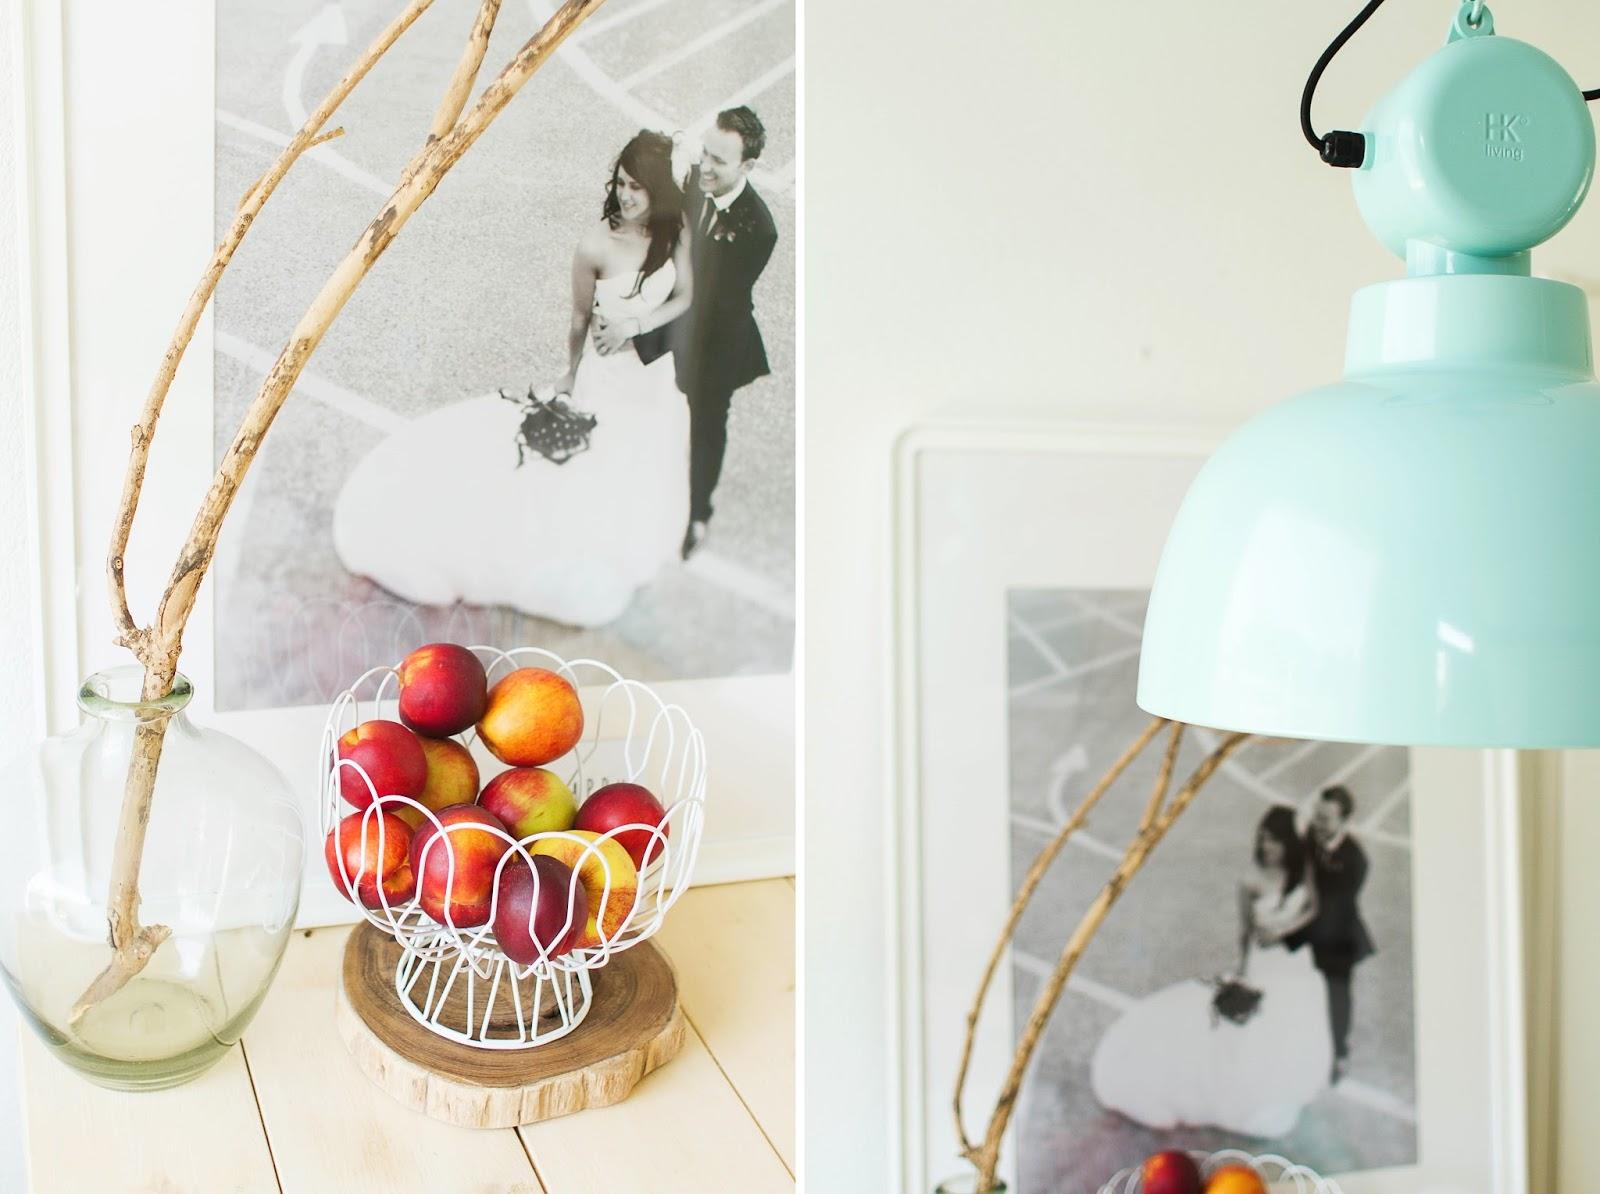 Brenstijl hk living hanglamp